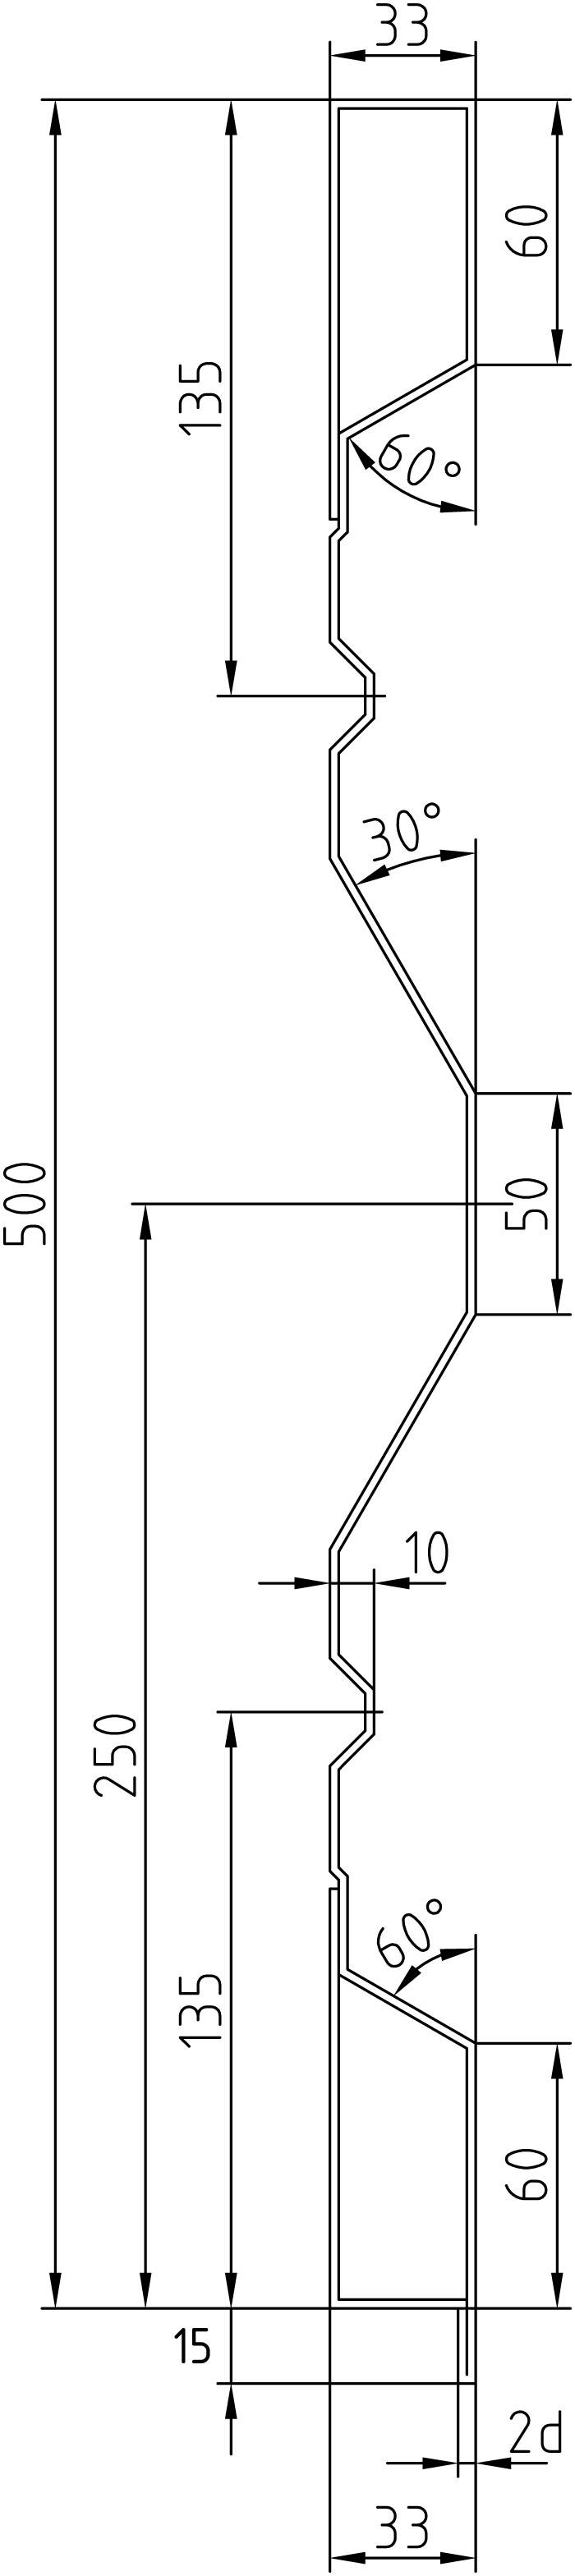 Brantner Kipper und Anhänger - NmE HVN 500x2 1808 Winkel NP 40/20/5